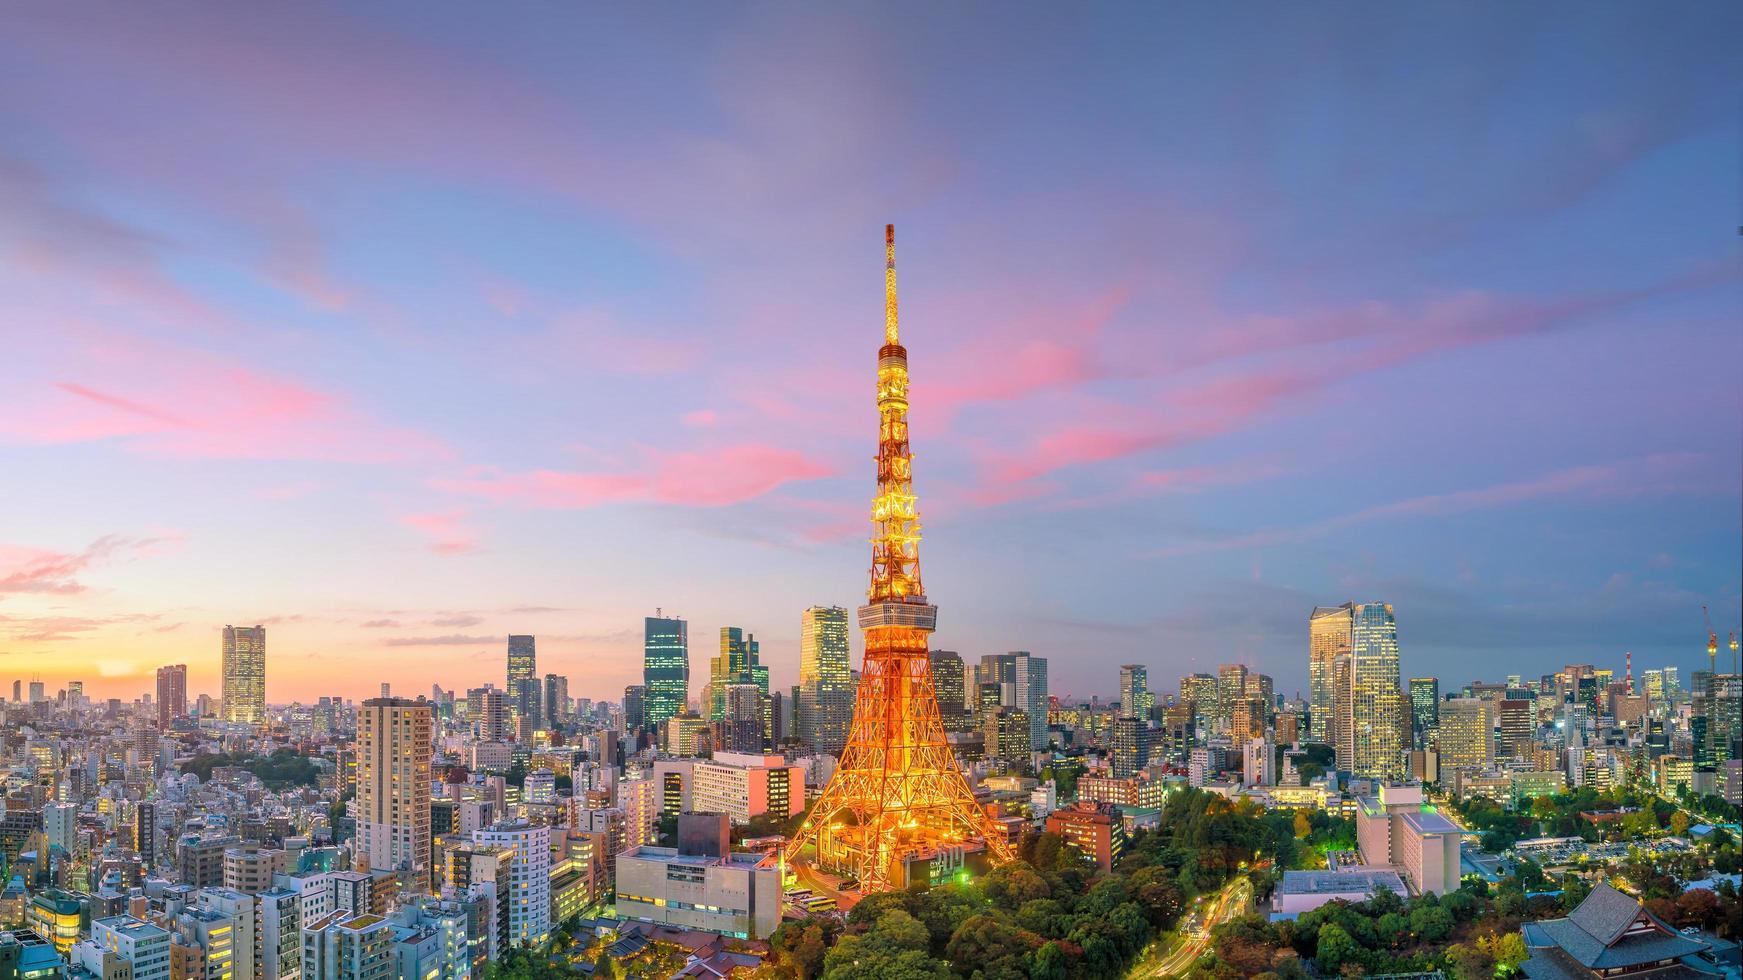 de skyline van tokyo en de toren van tokyo foto